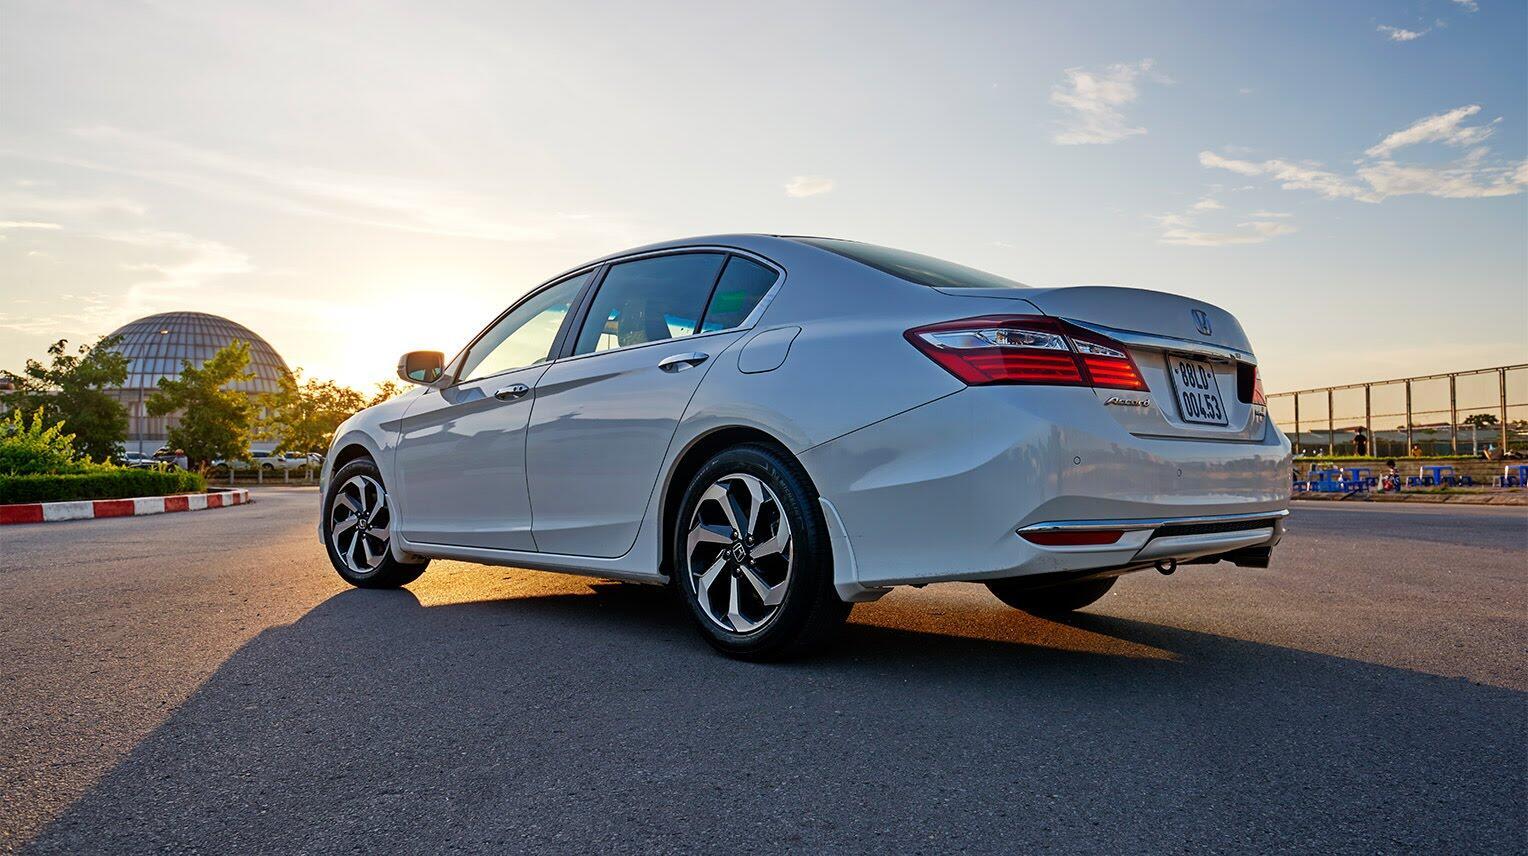 Đánh giá Honda Accord 2016: Ưa nhìn hơn, trang bị tốt hơn và lái phấn khích hơn - Hình 8